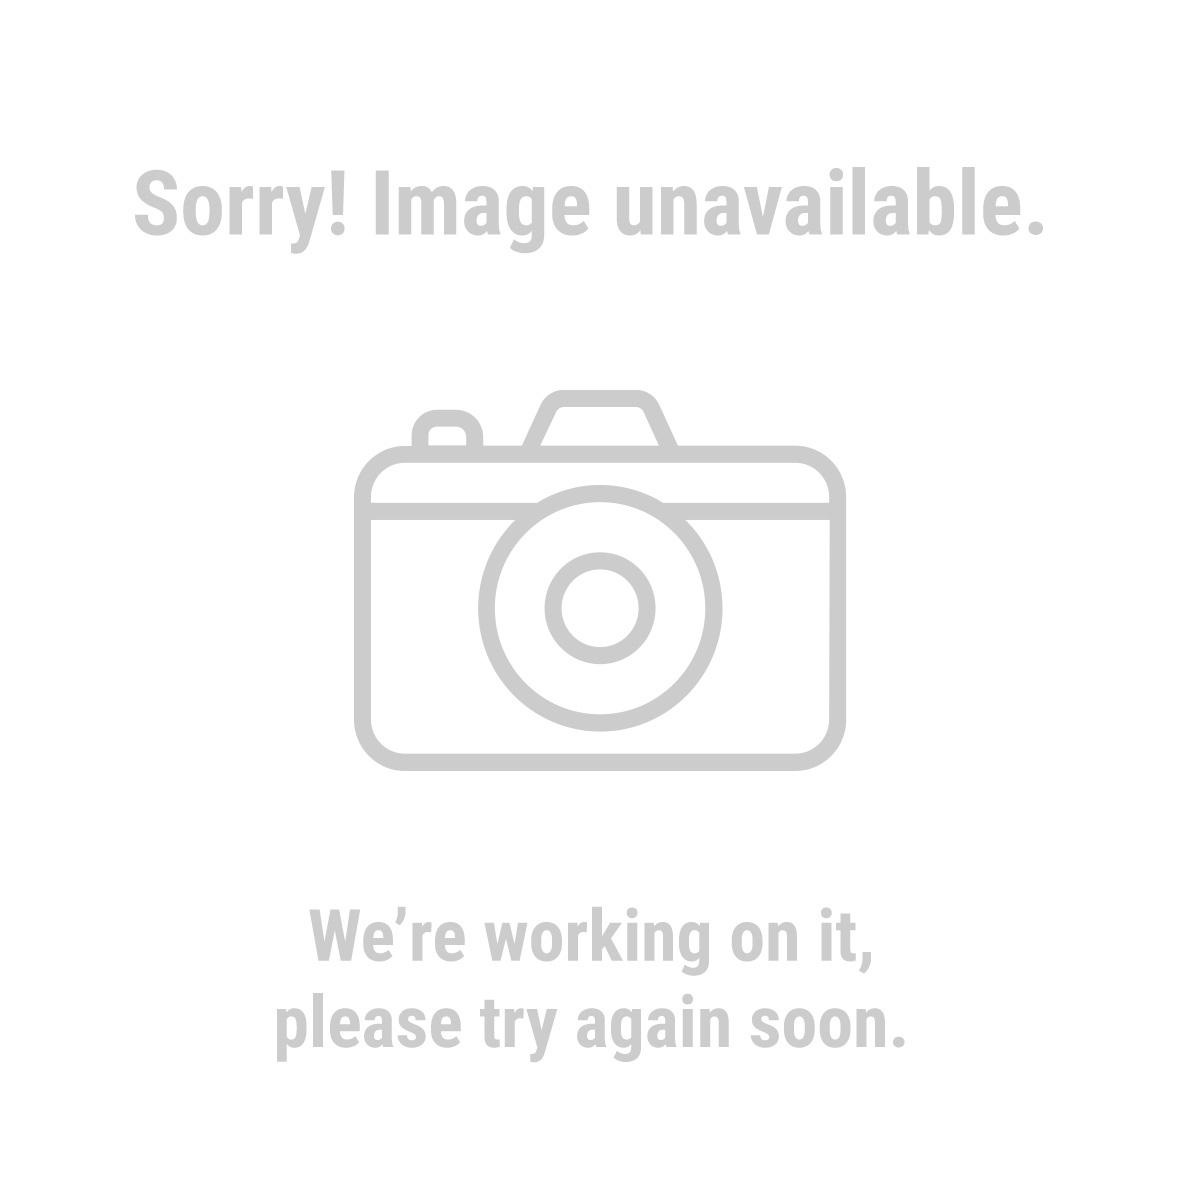 Tubing bender save on this manual tubing bender 7 piece tube flaring kit greentooth Images